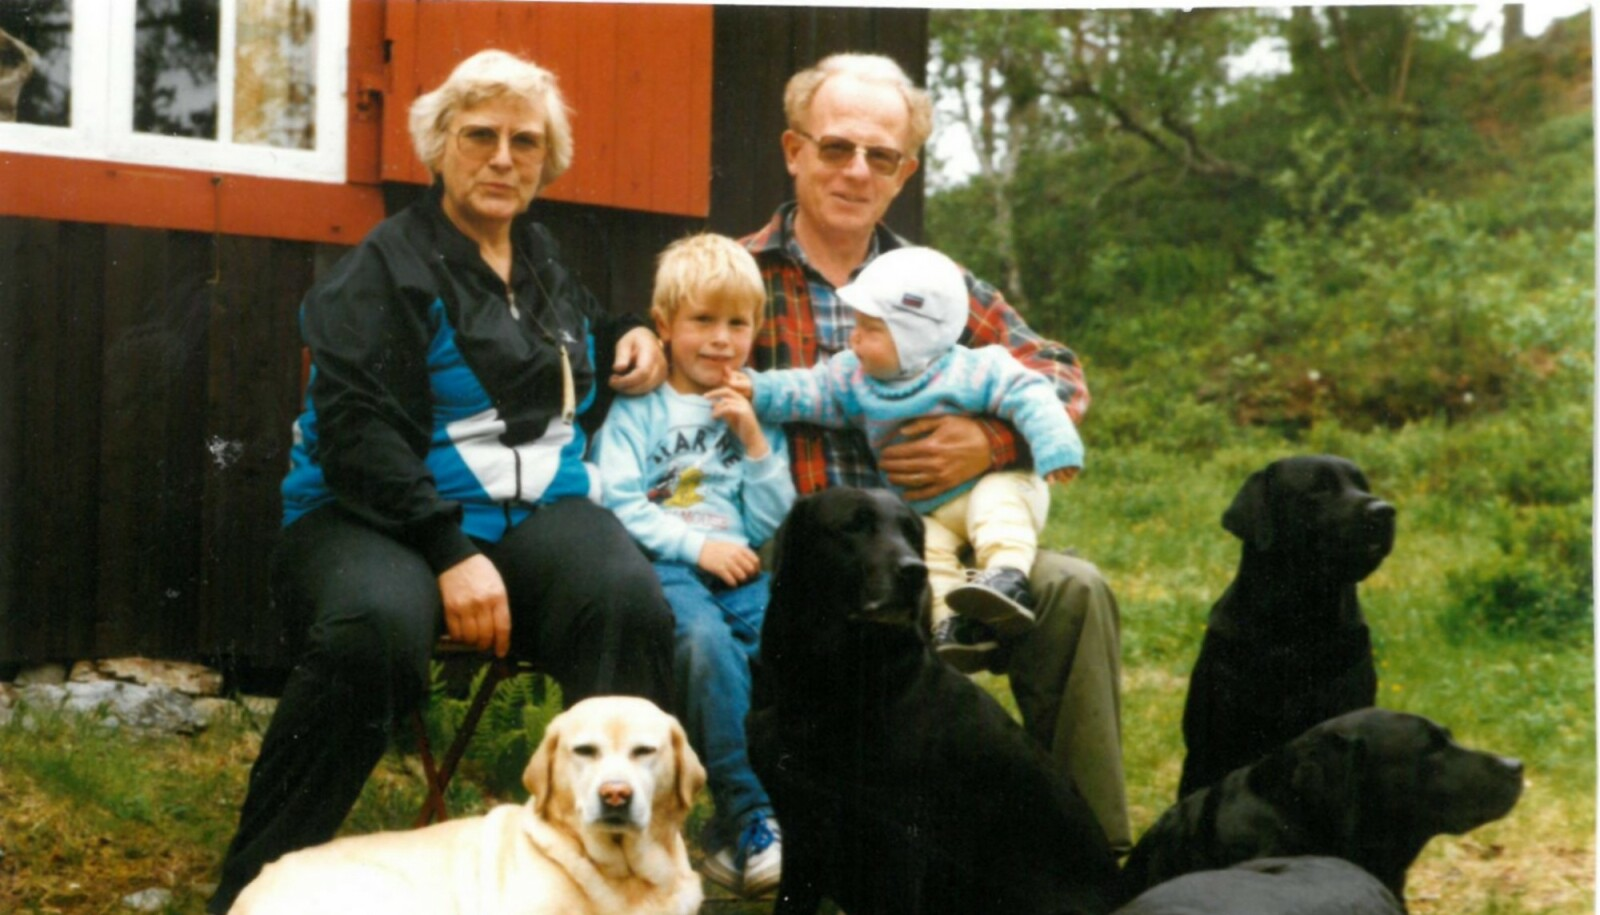 Magnus Helgerud har skrevet boka Knytta til hytta, om nordmenns særegne hyttetradisjoner. Her er han som barn i sitt eget barndoms hytteparadis sammen med familien. Foto: Privat